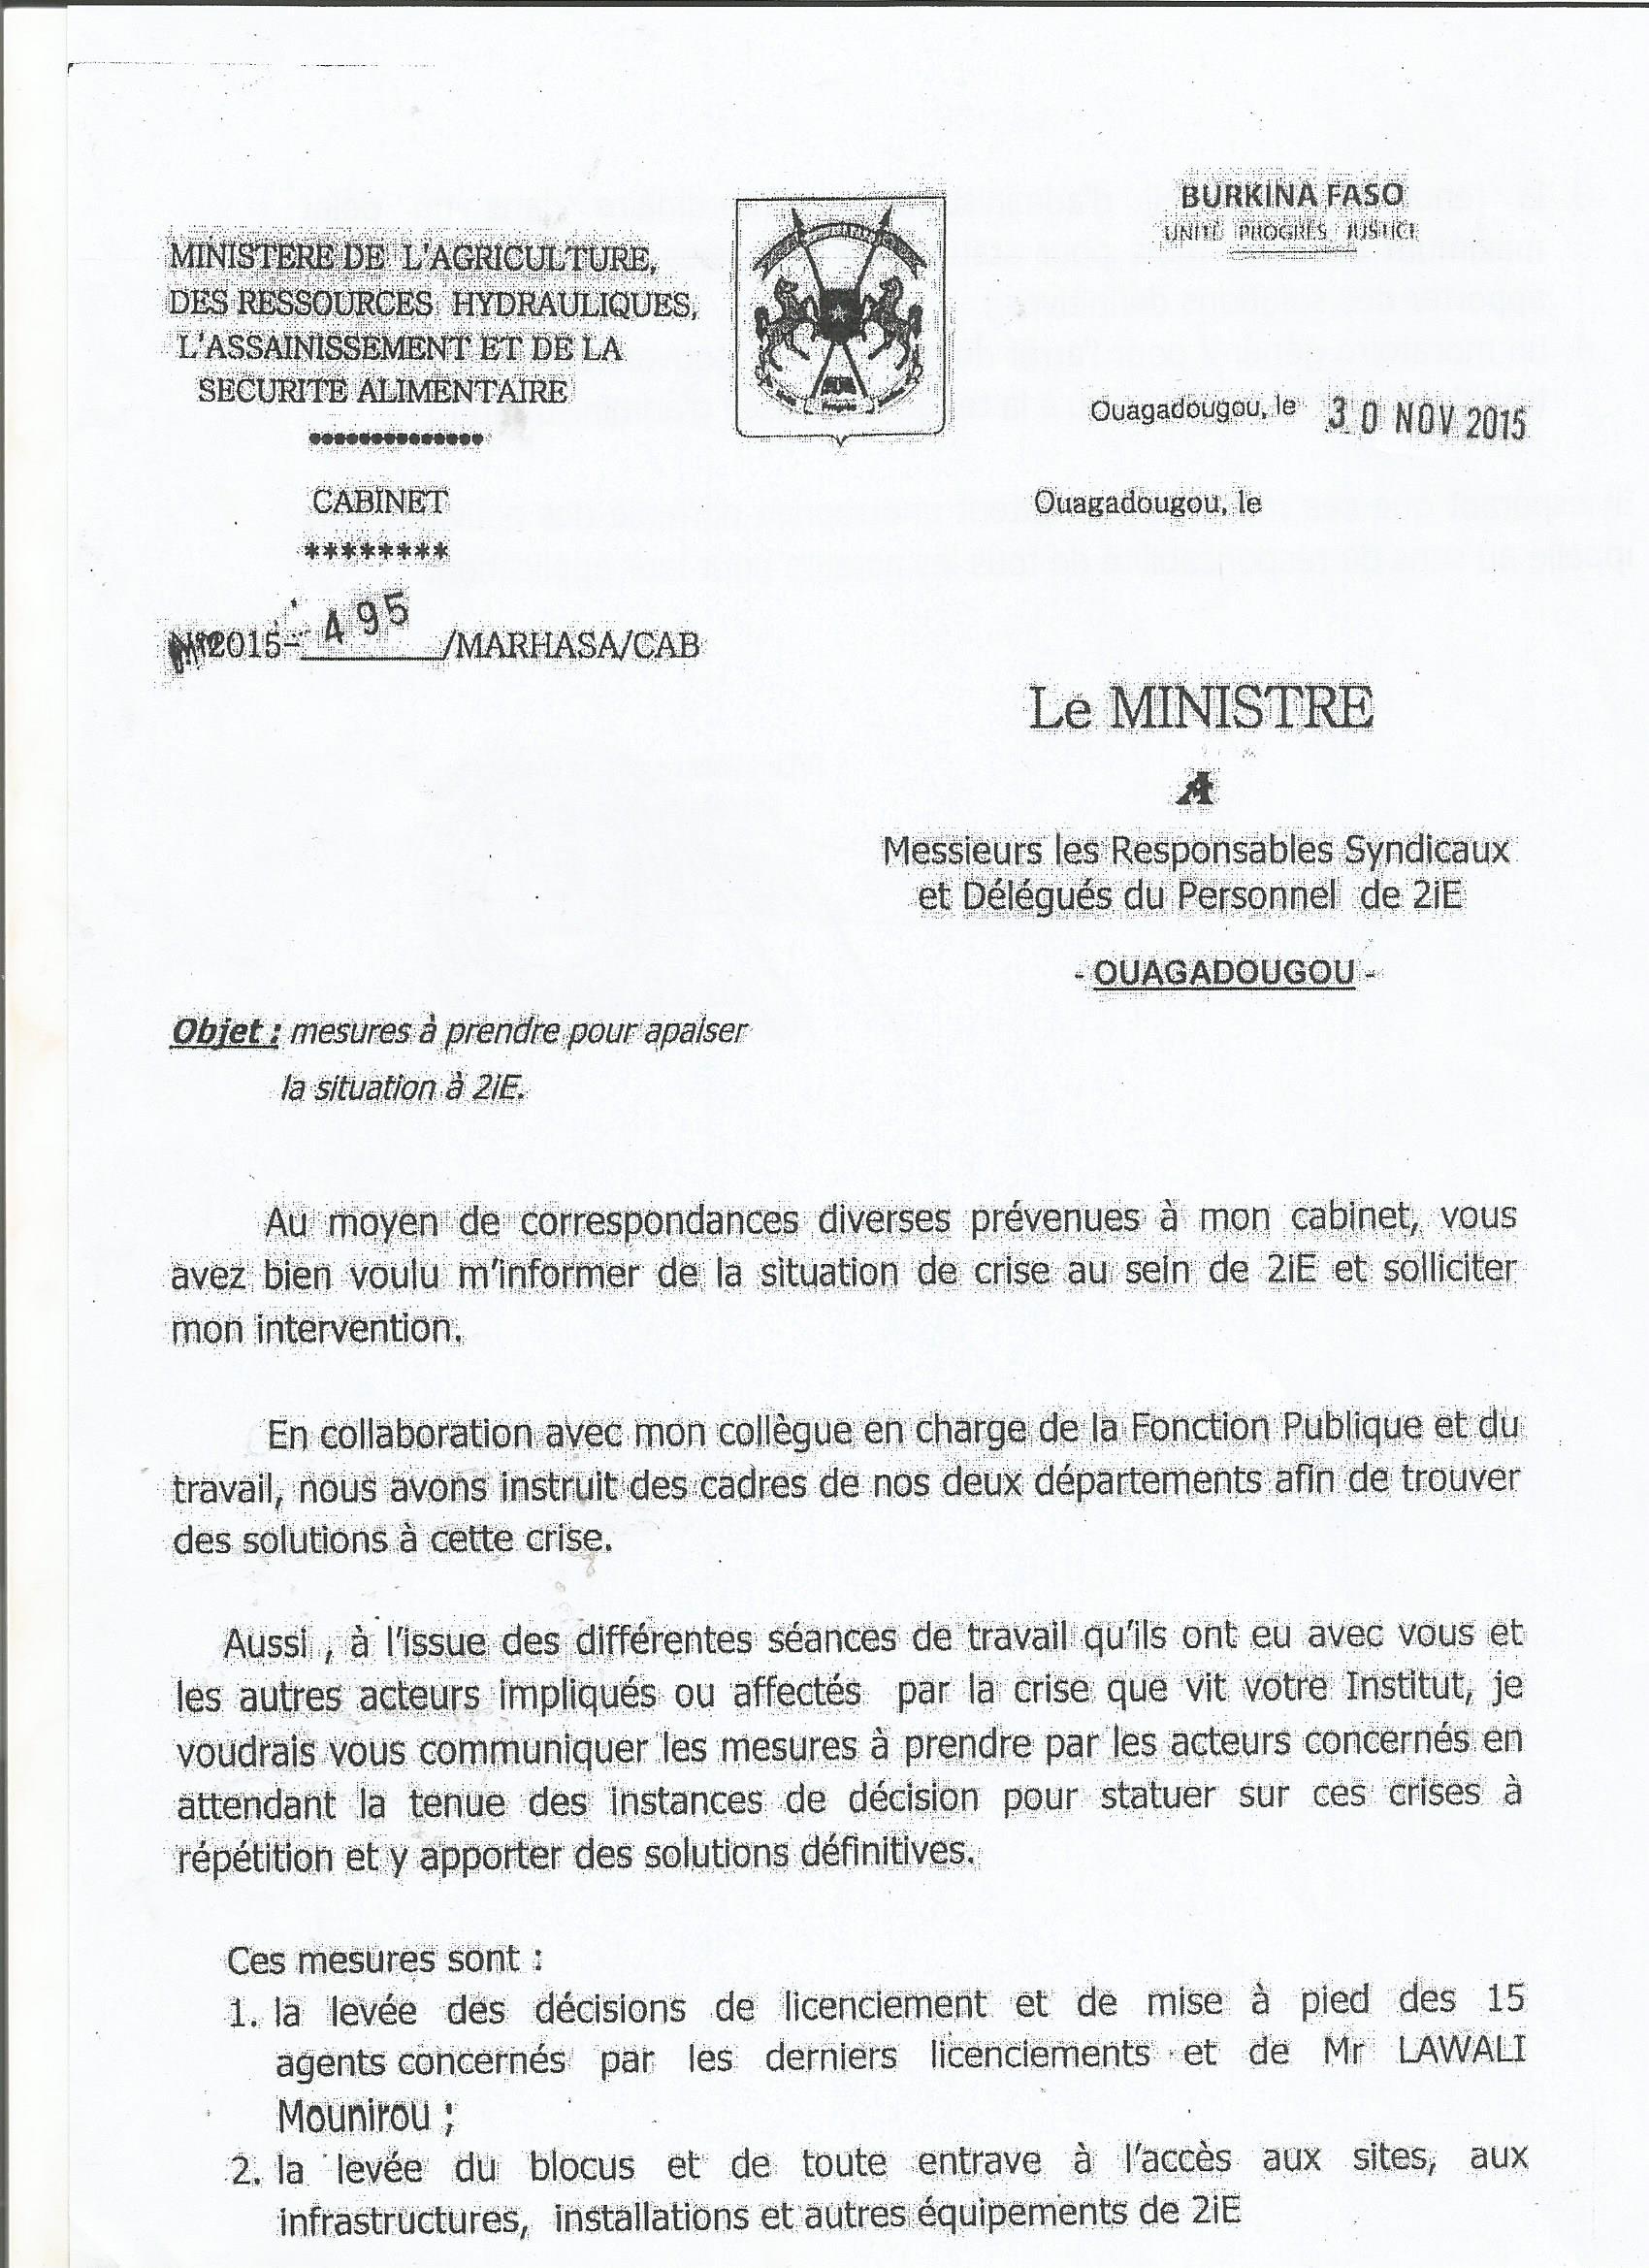 La lettre du ministre de l'agriculture des ressources hydrauliques, de l'assainissement et de la sécurité alimentaire aux responsables syndicaux et délégués personnel de 2iE.